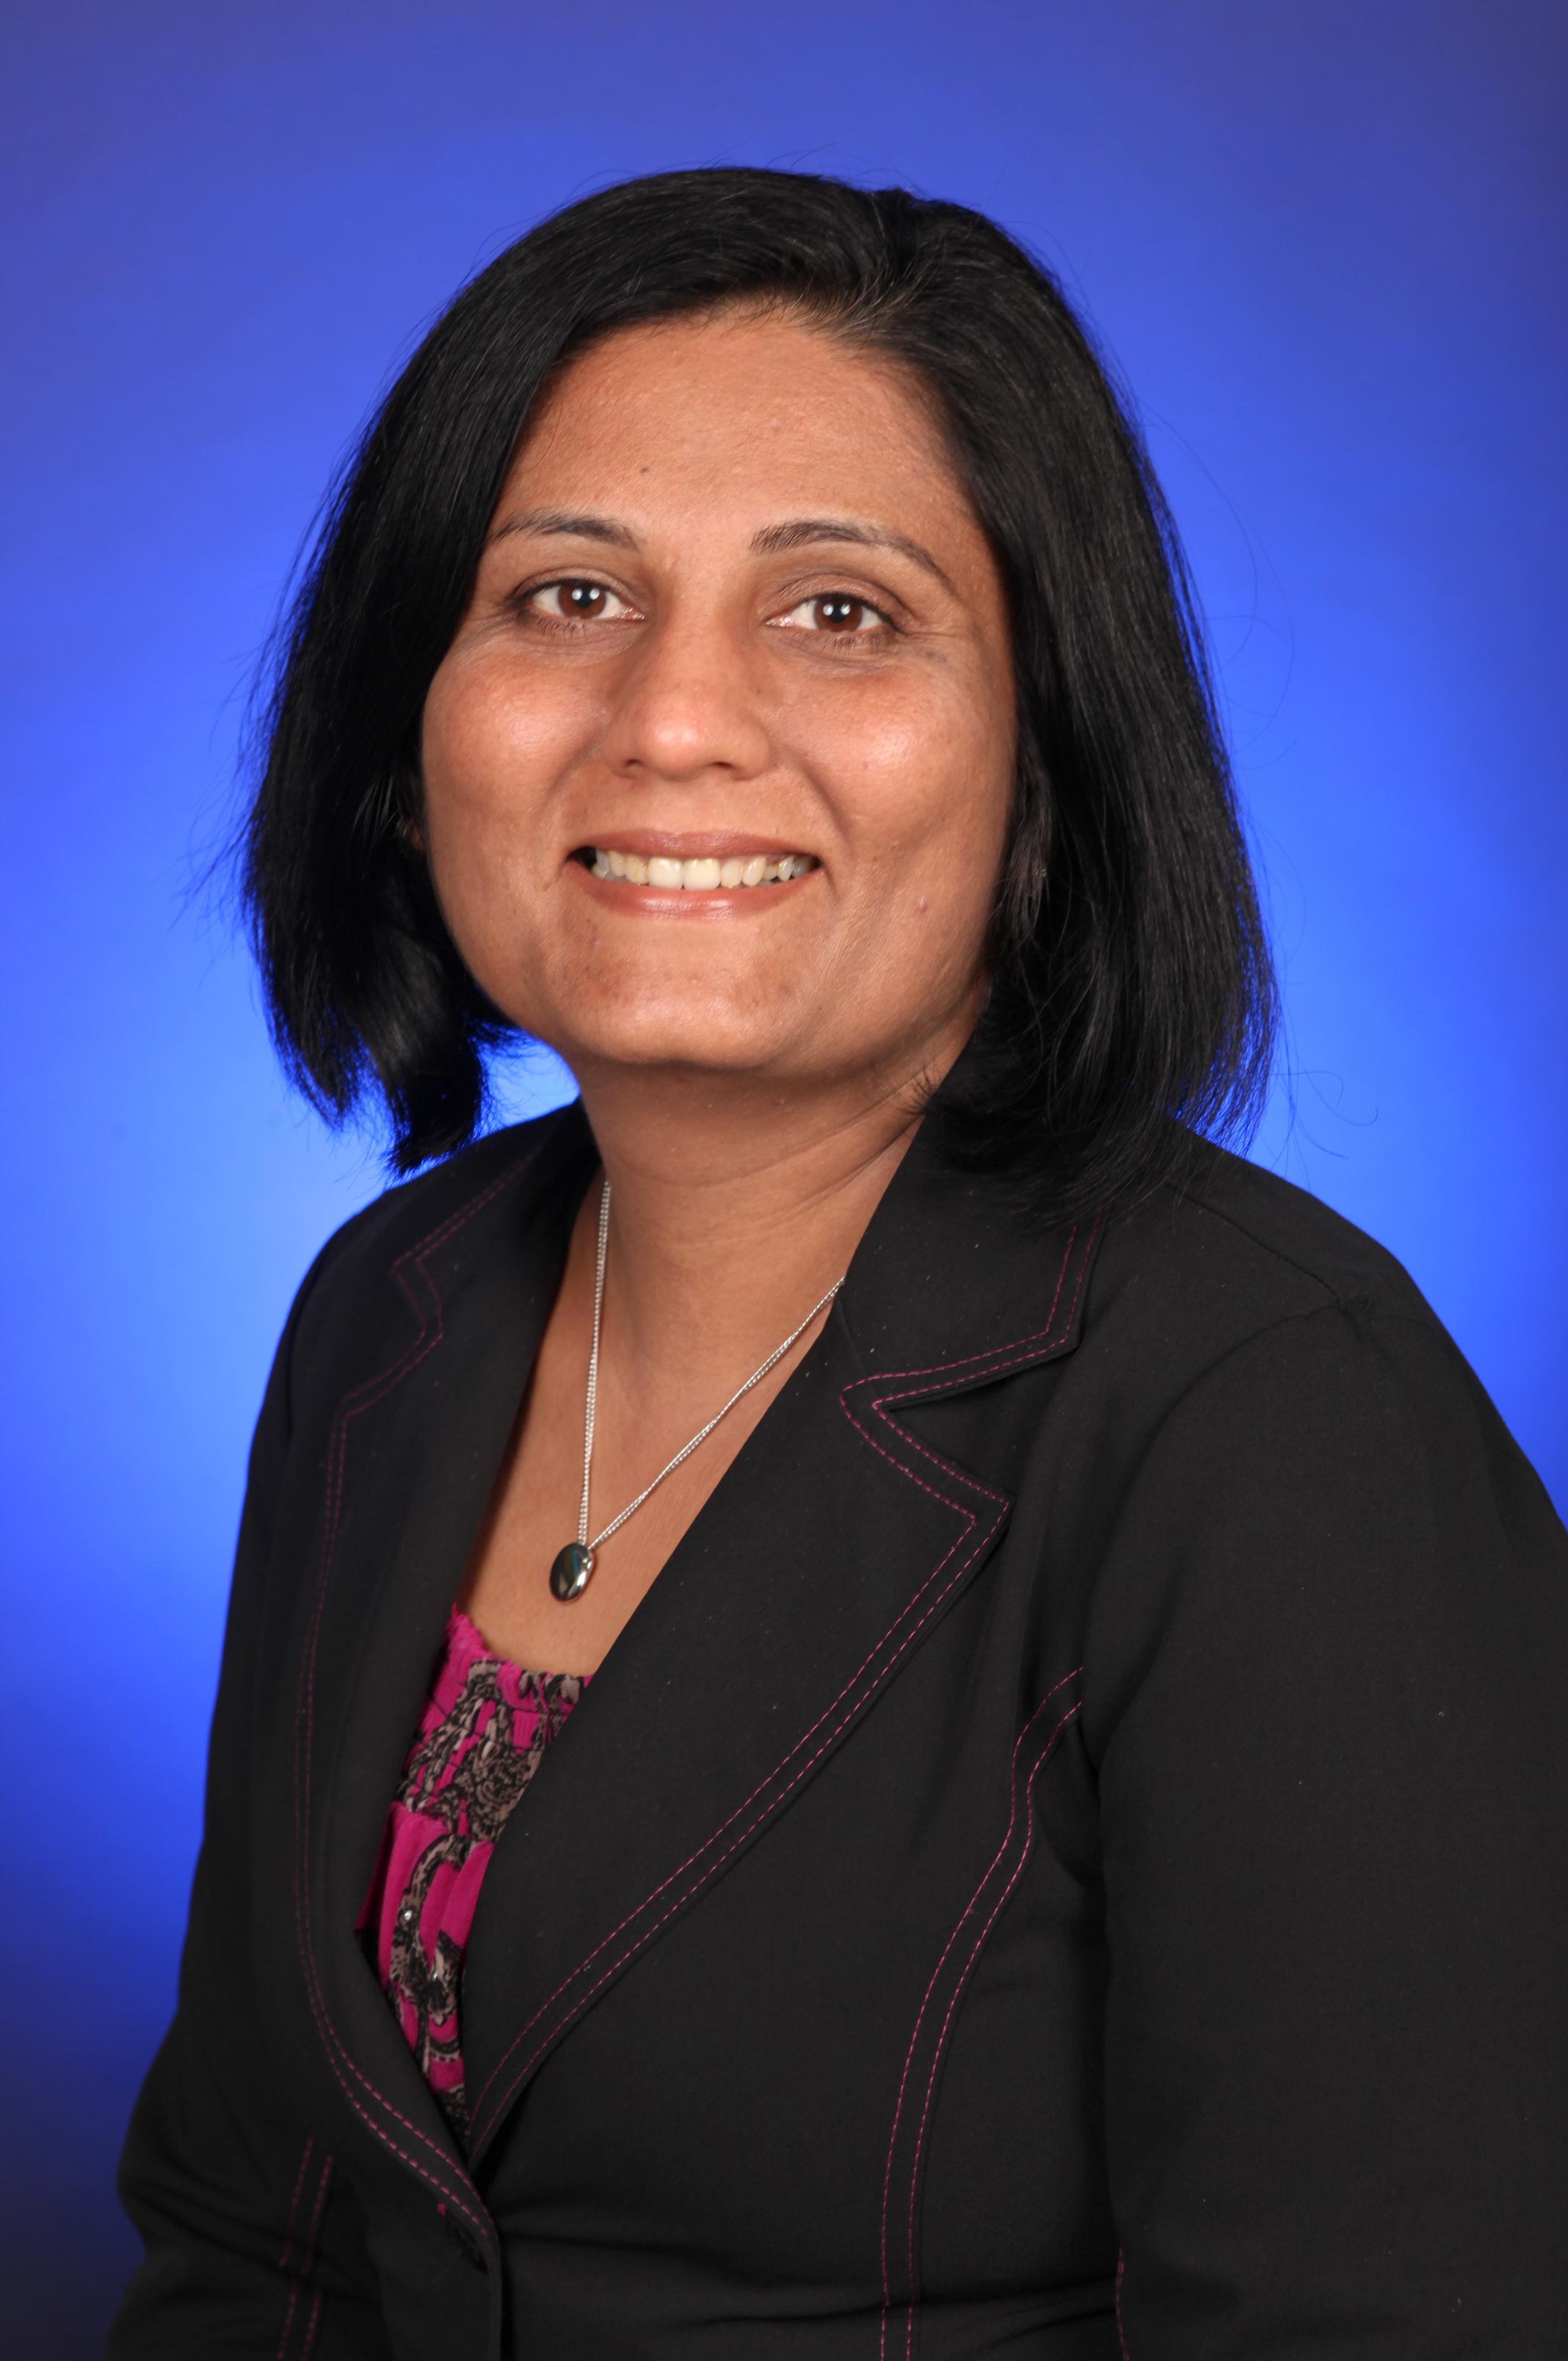 Paresha Sinha